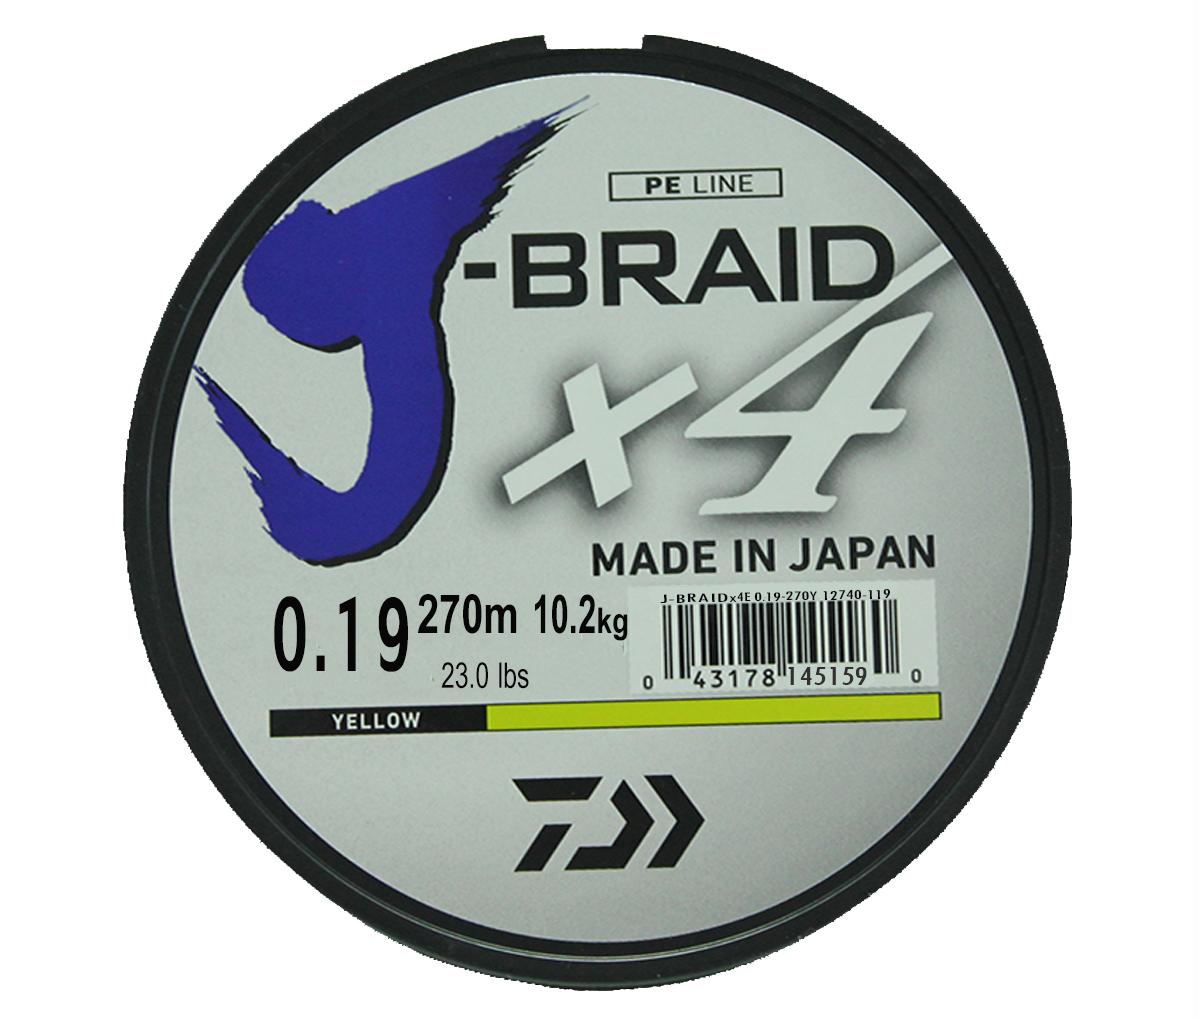 Шнур плетеный Daiwa J-Braid X4, цвет: флуоресцентный желтый, 270 м. 0,19 мм61150Новый 4х жильный шнур J-Braid, DAIWA - шнур высокого класса с удивительным соотношением цены и качества. Качество плетения полностью соответствует японским стандартам и удовлетворяет всем требованиям. Представленные диаметры позволяют использовать шнур для всех техник ловли, начиная от ultra- light ловли окуня, до морской ловли палтуса, трески и т.д